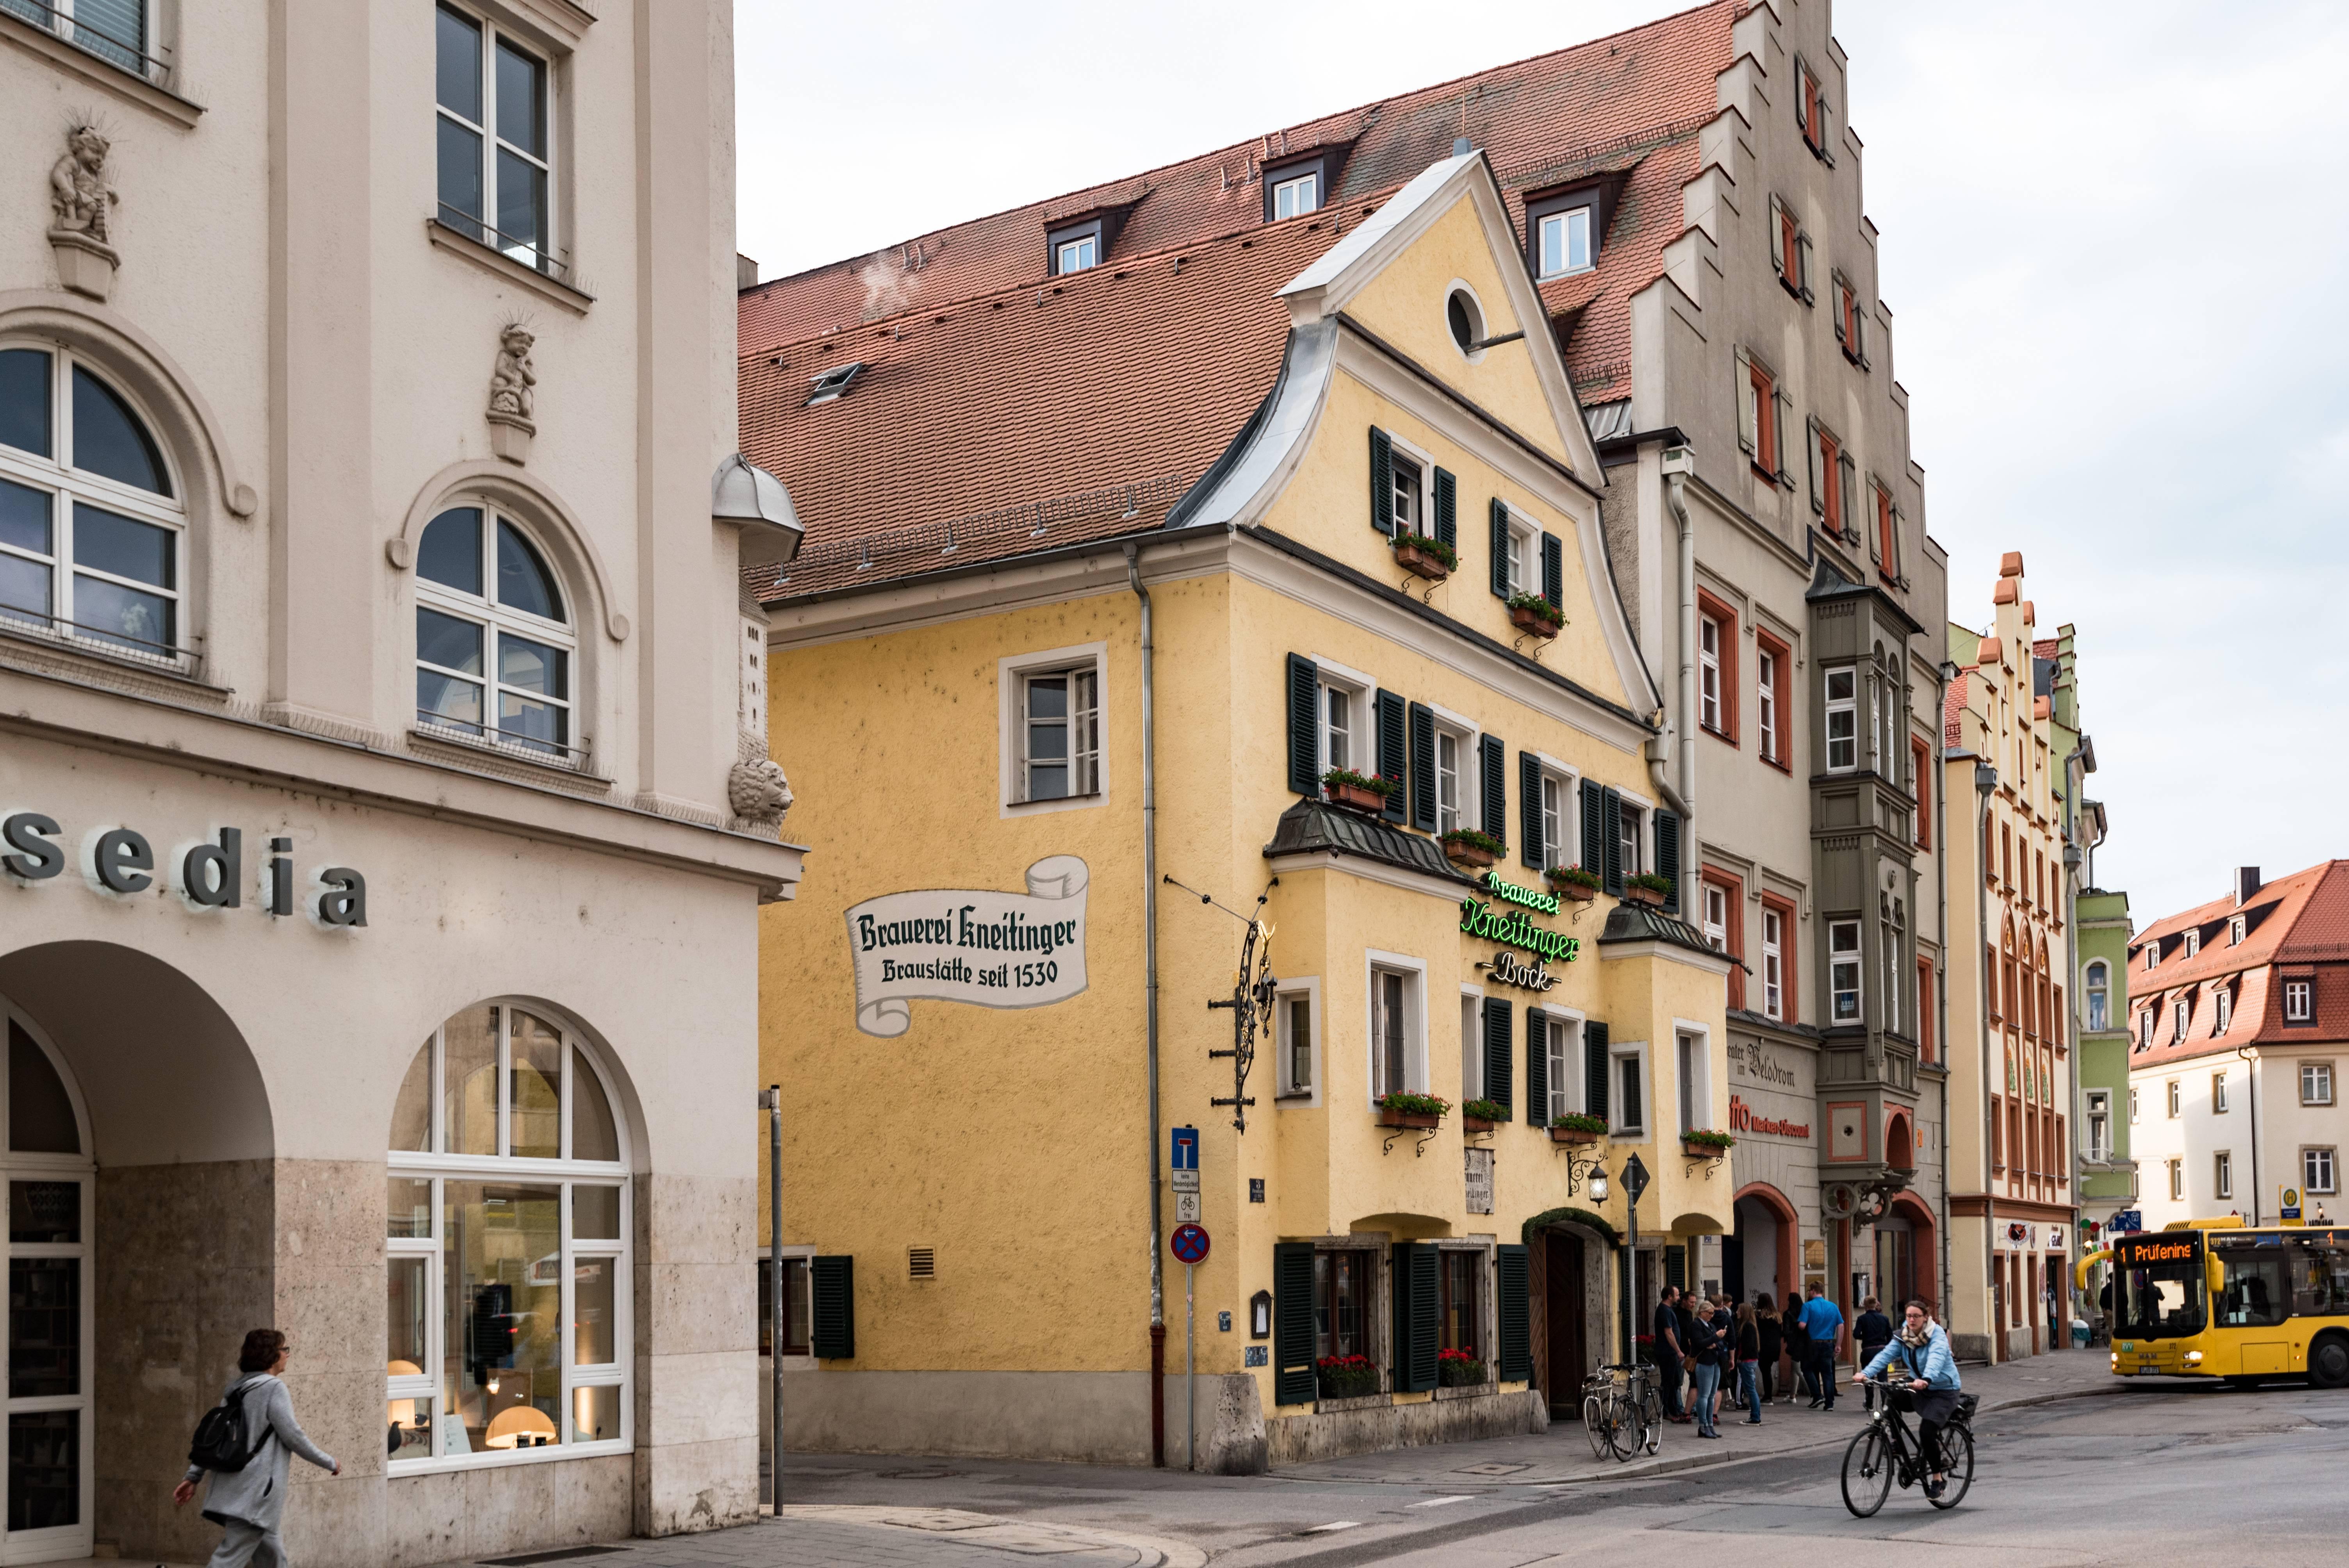 Аренда недвижимости врегенсбурге: лучшие цены, снять жилье врегенсбурге